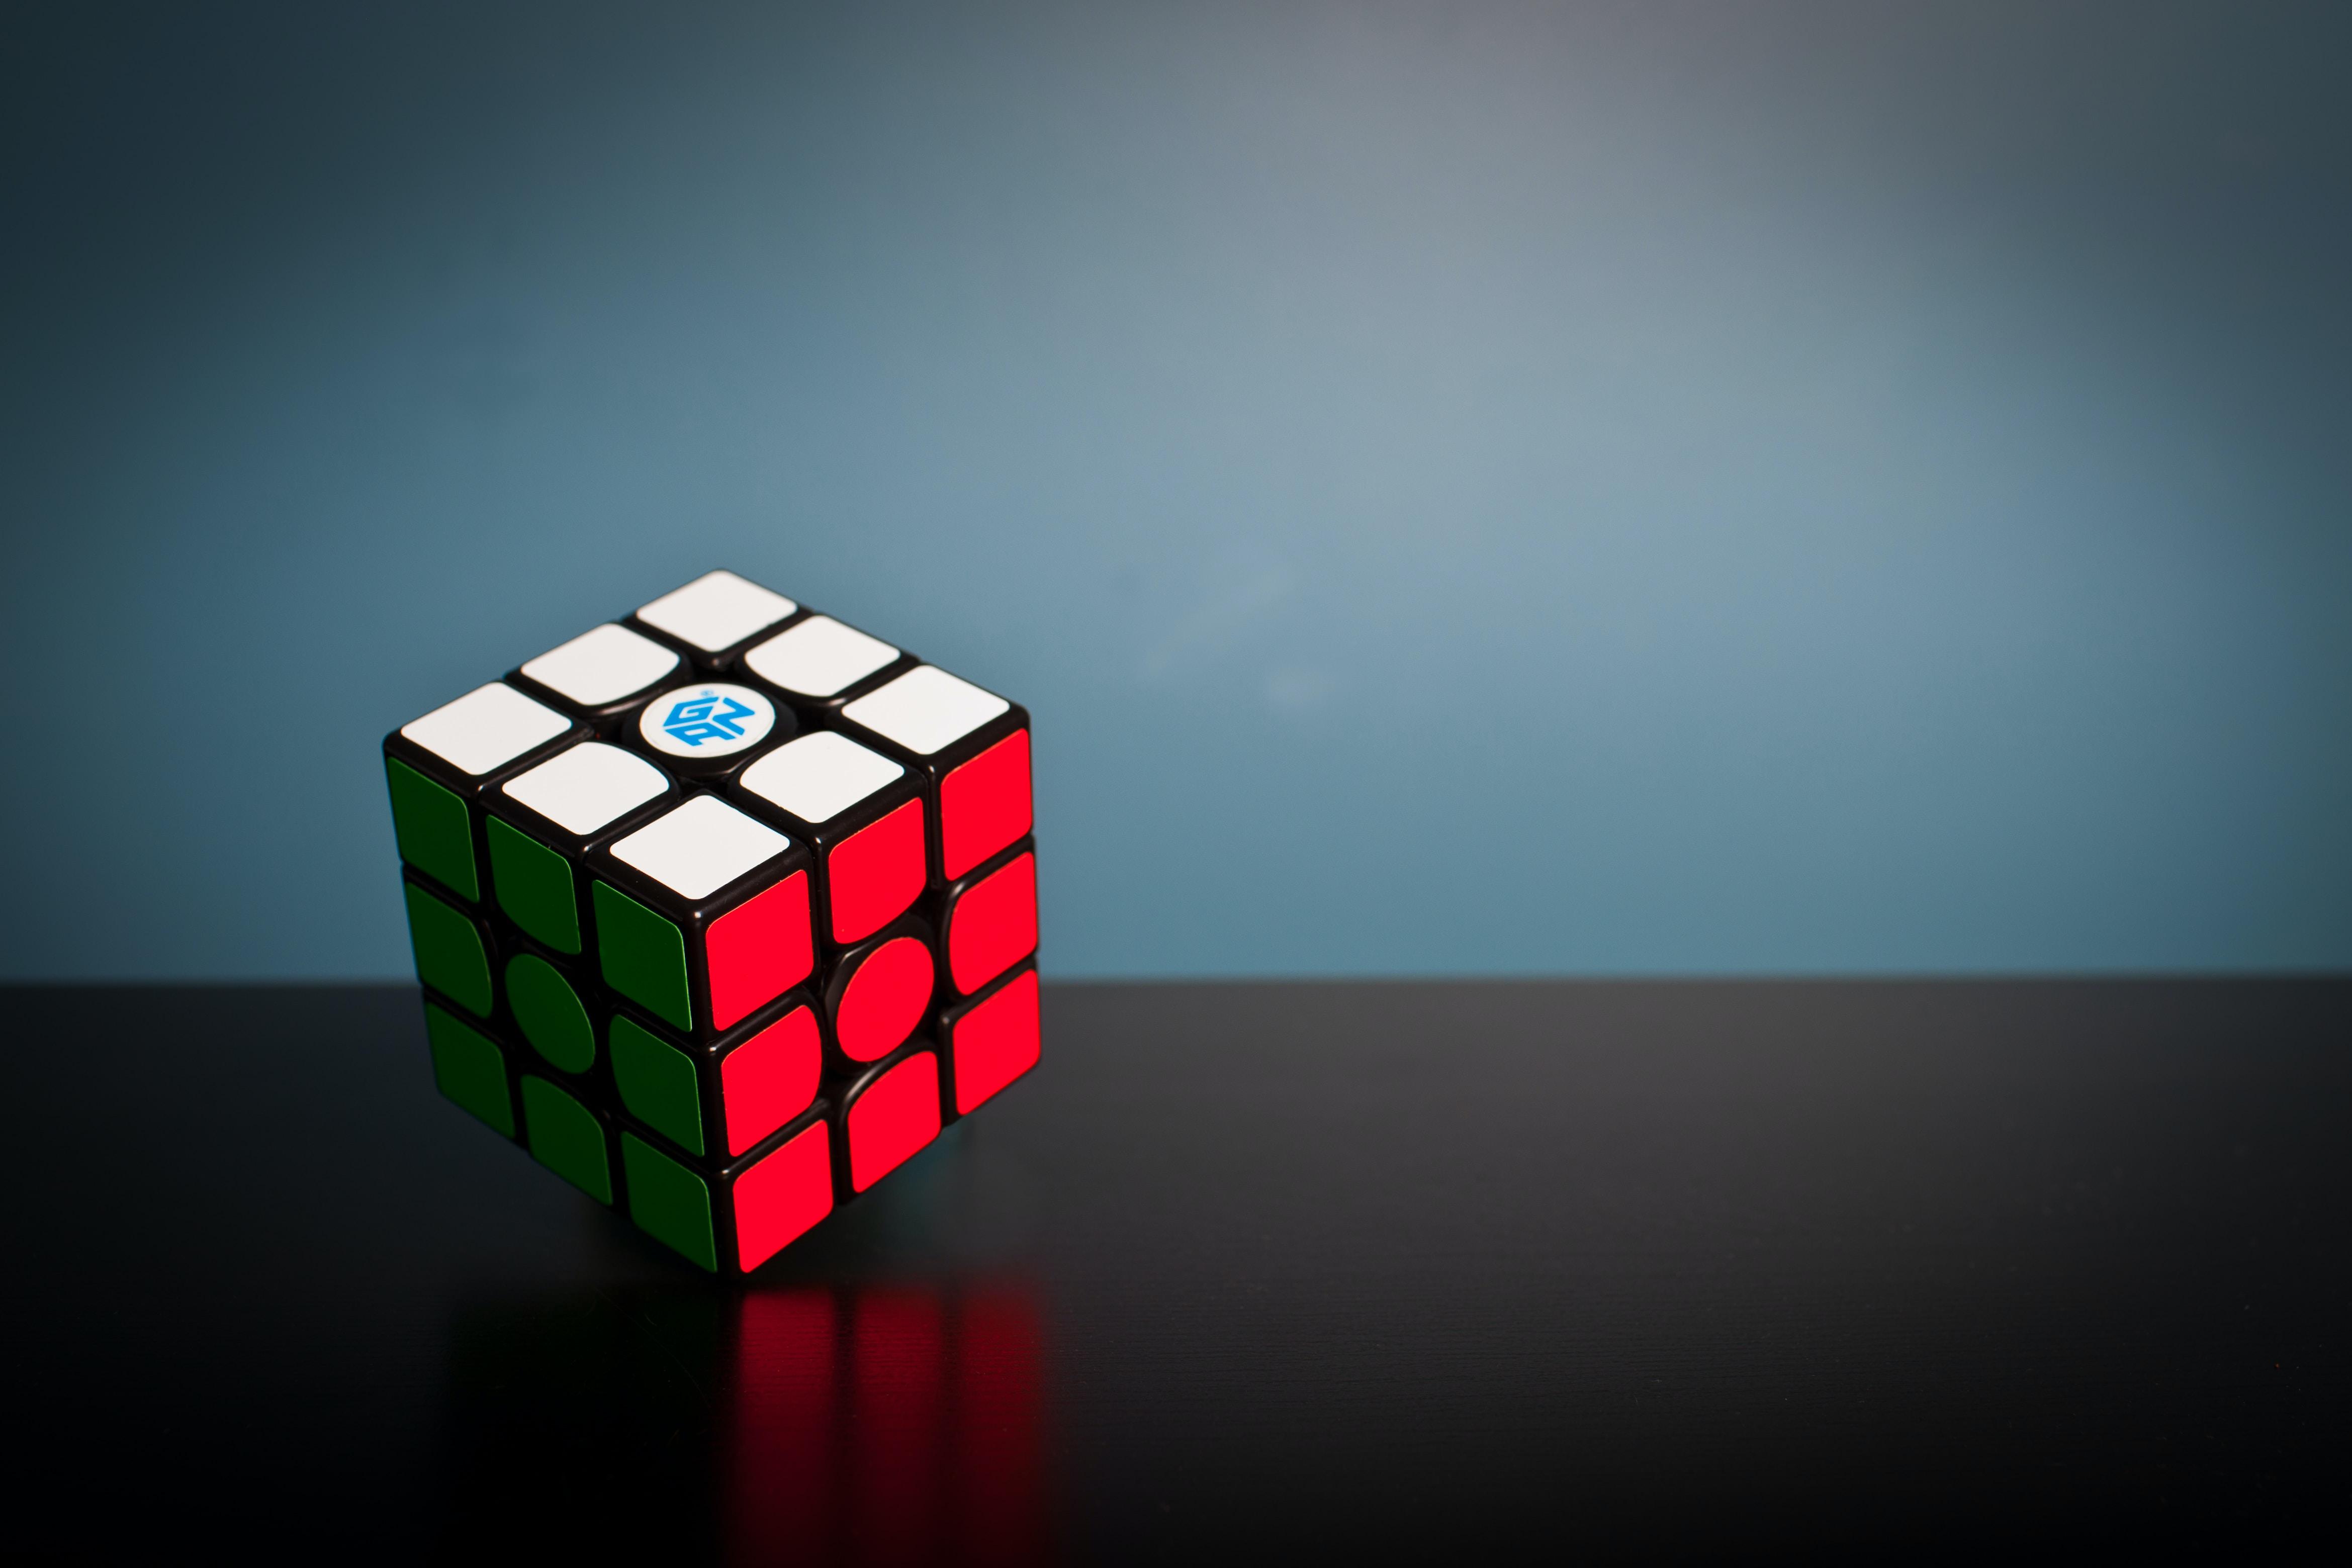 solved 3x3 Rubik's Cube